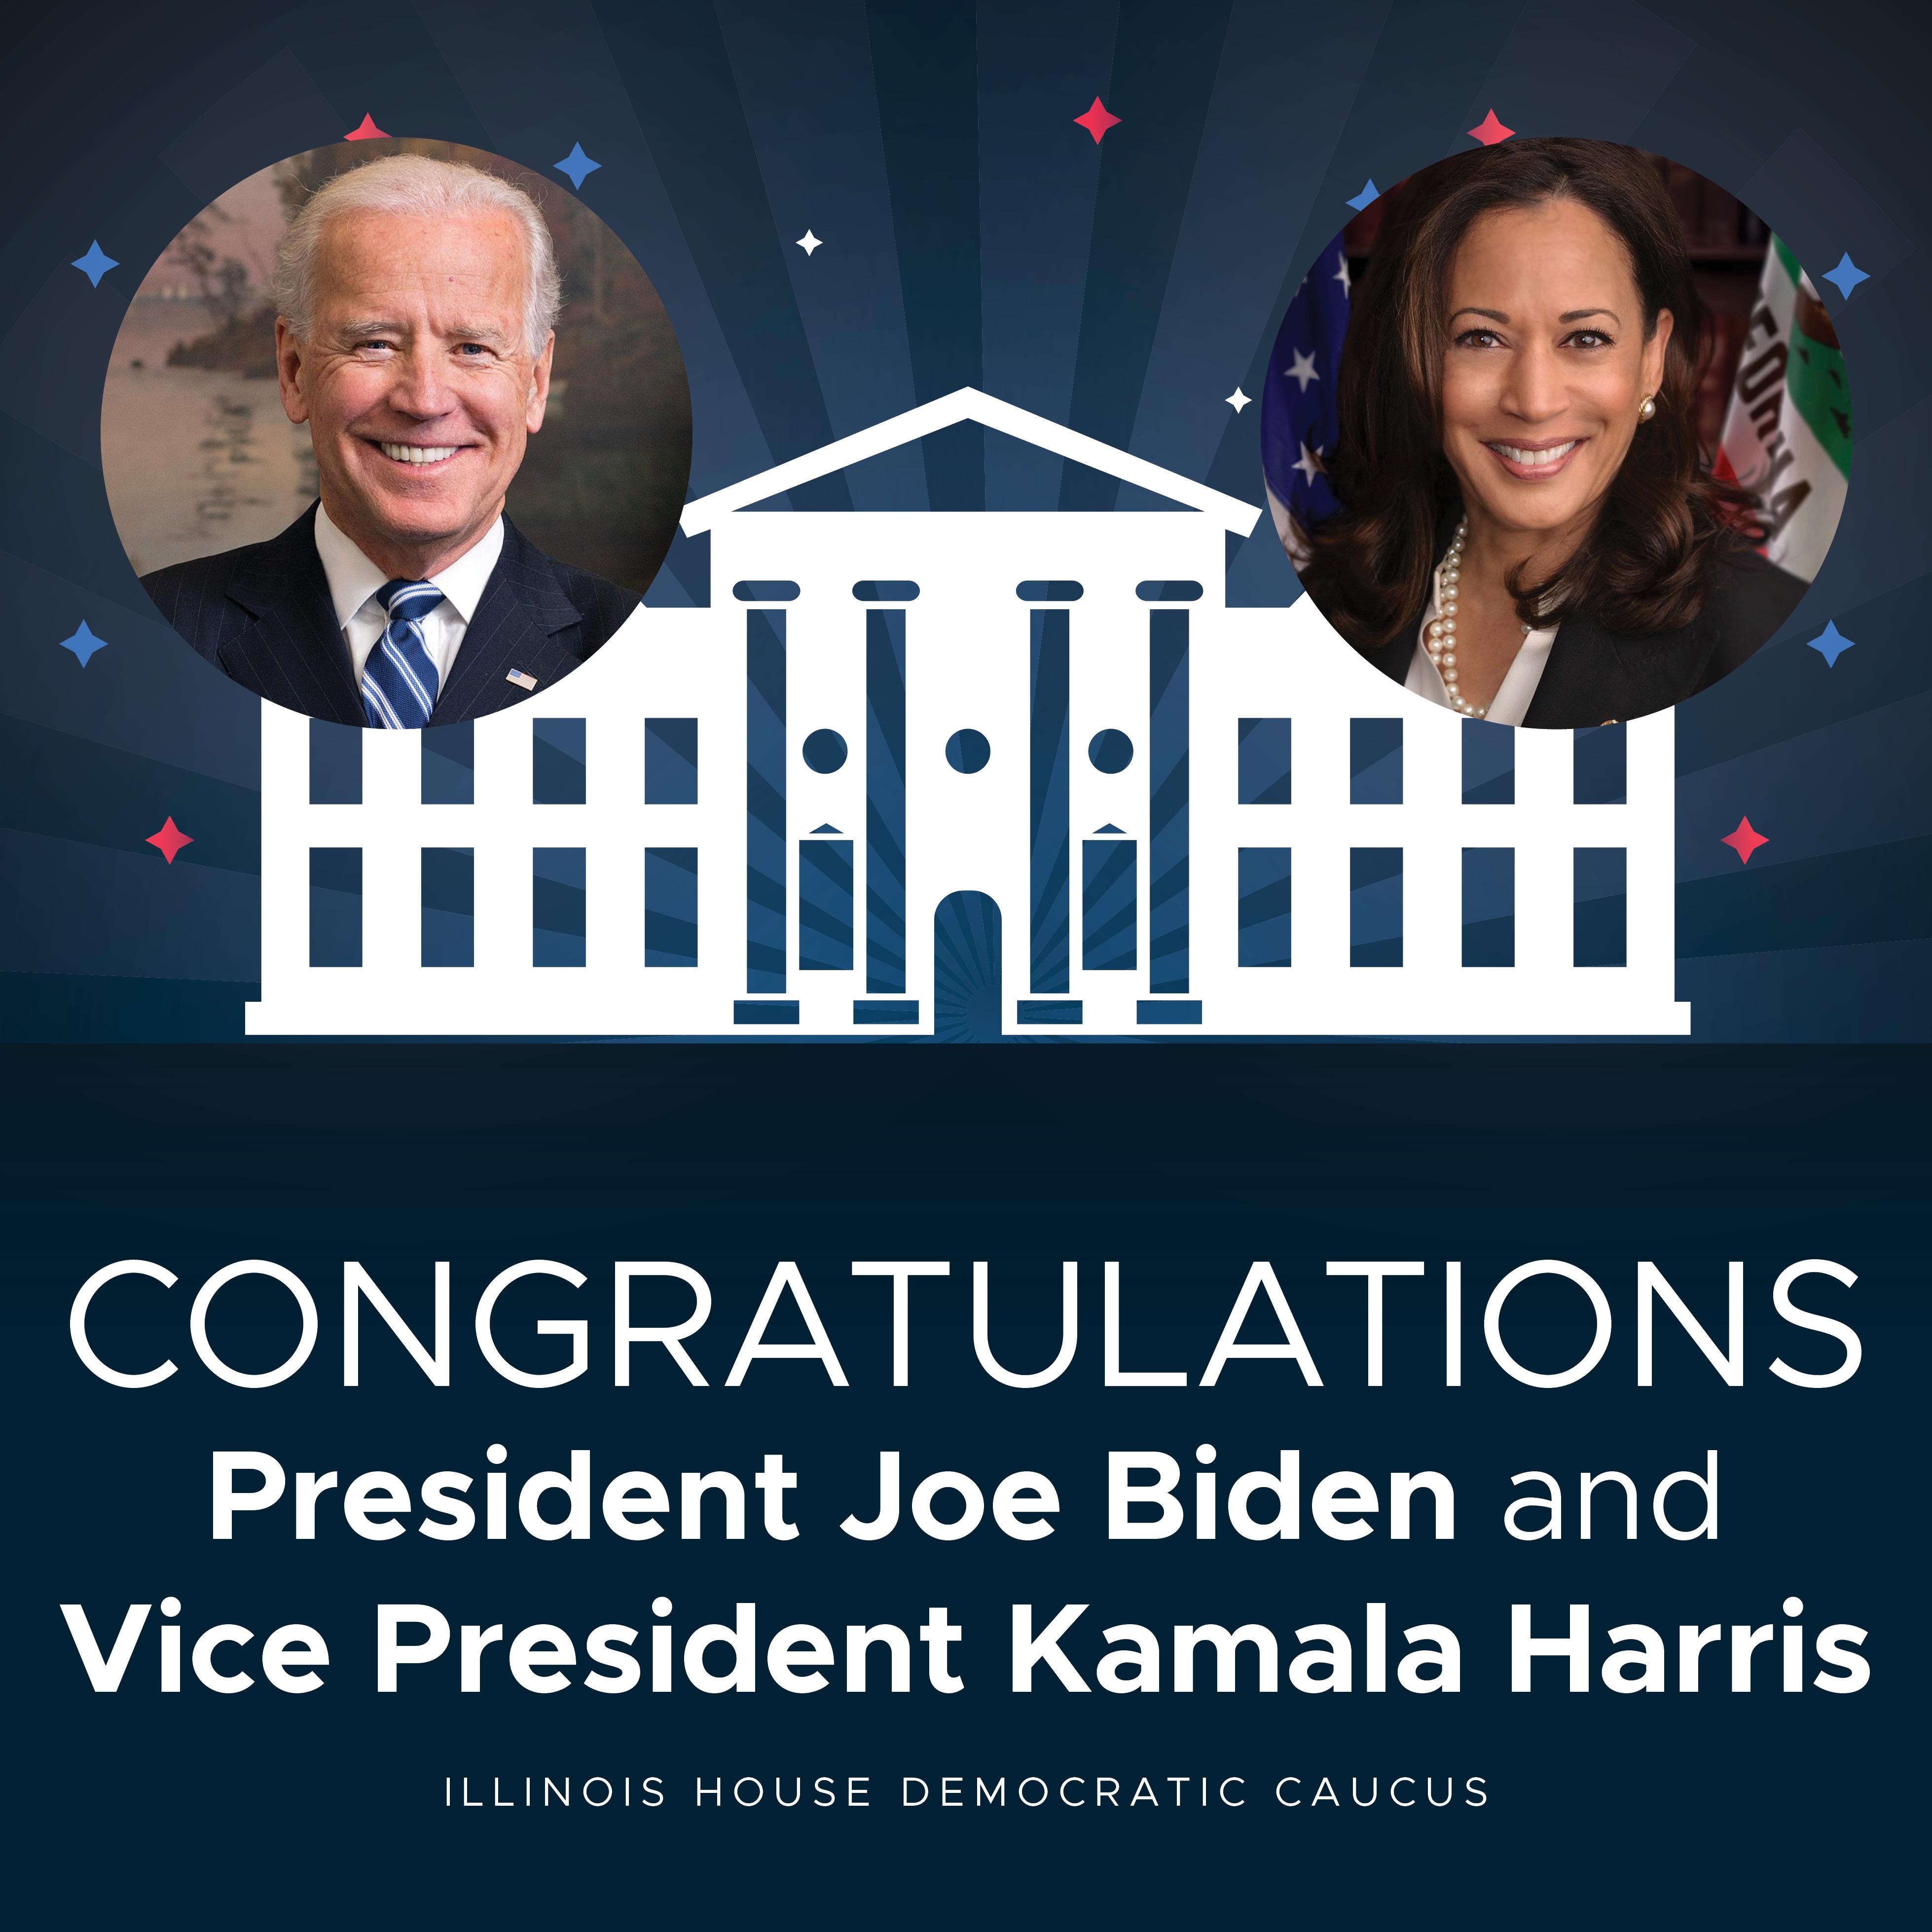 Congrats to Biden/Harris!!